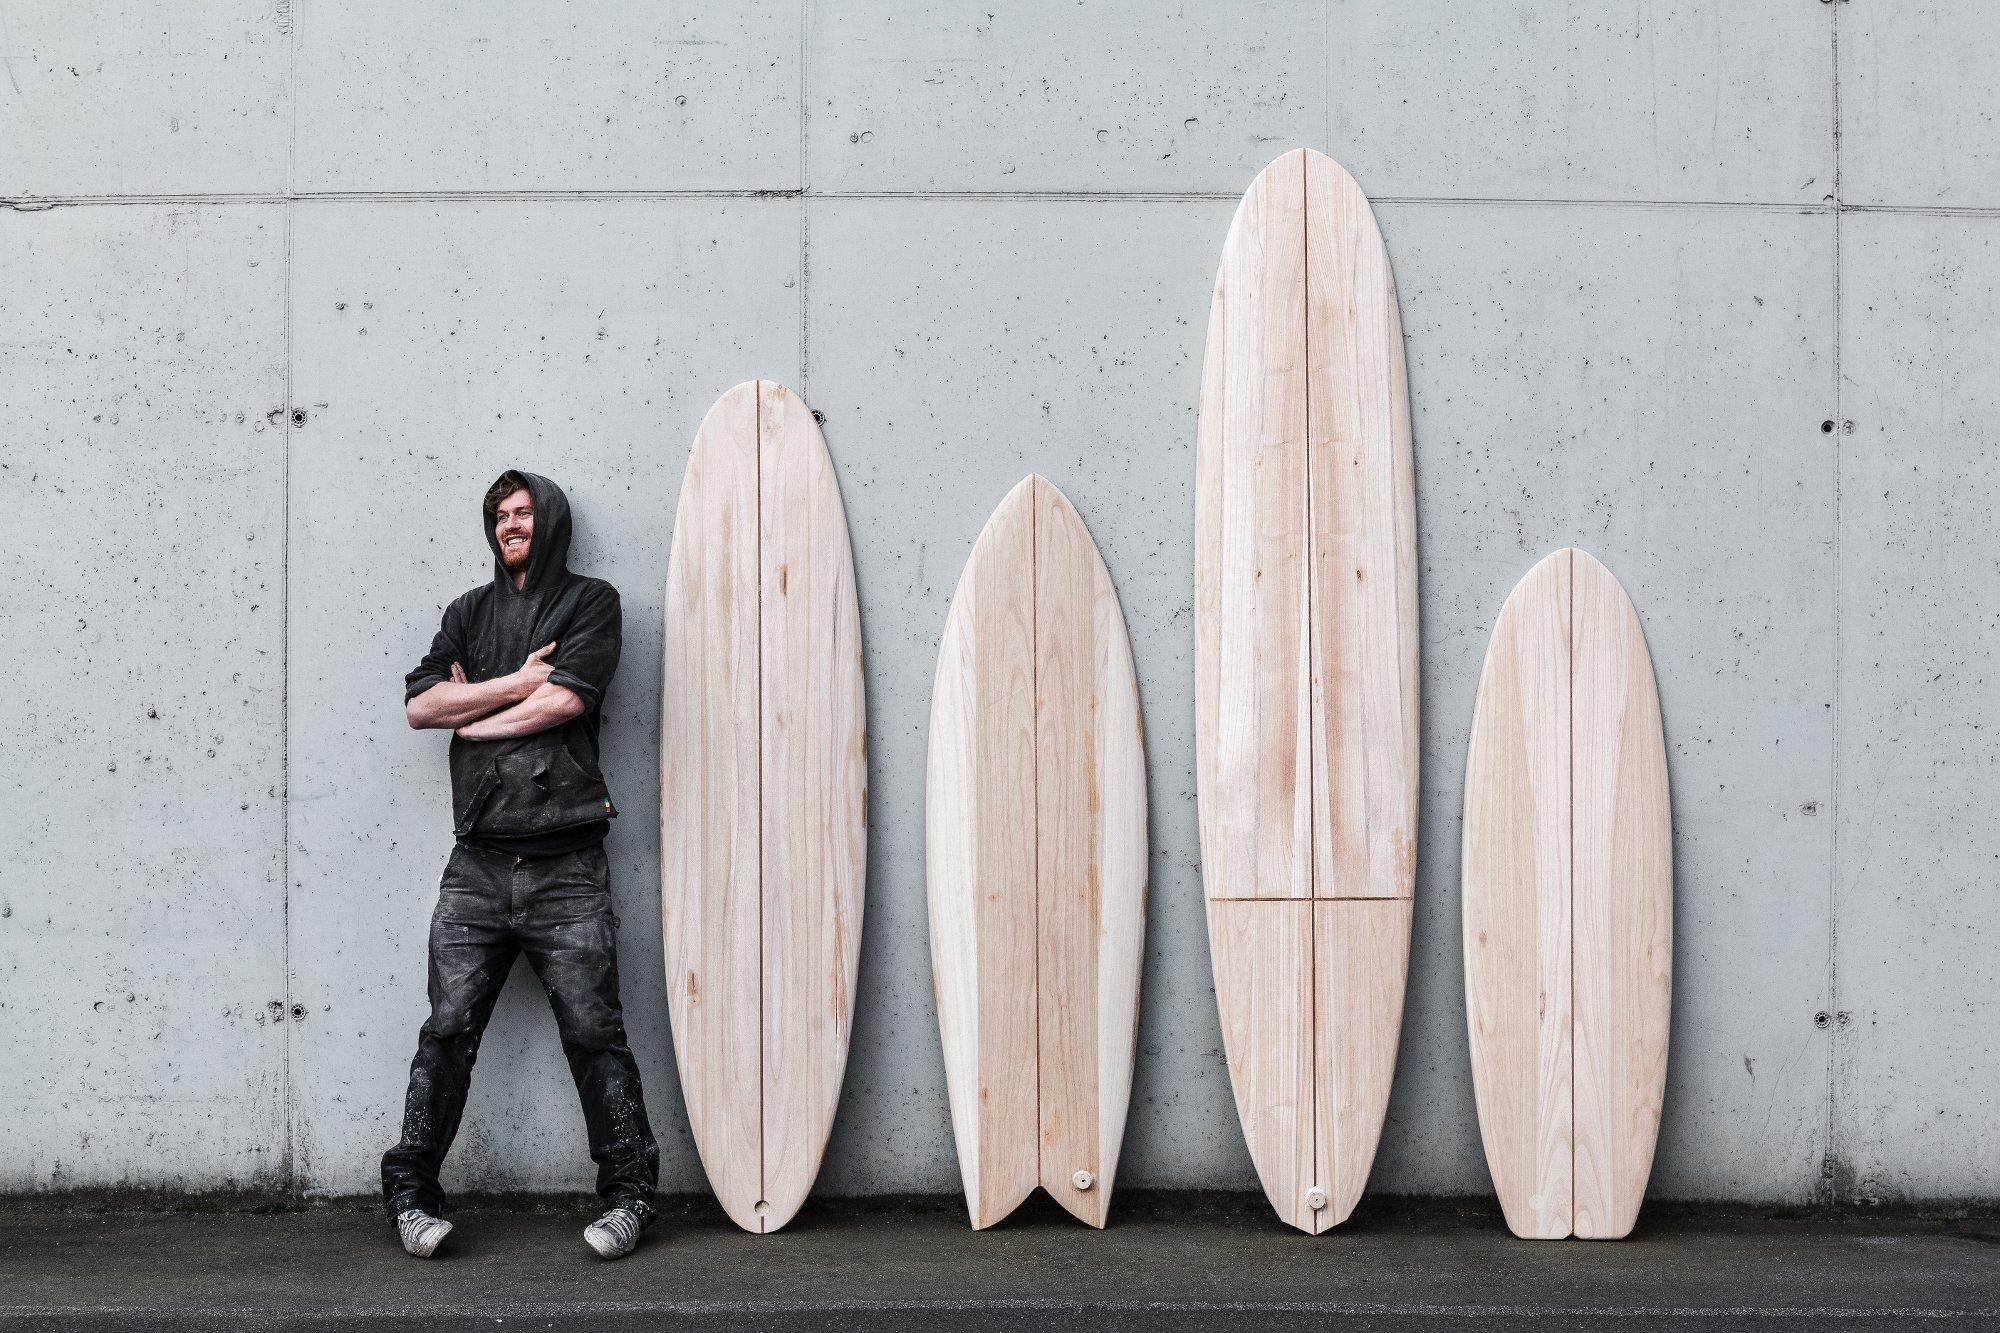 Und so sehen die fertigen Arbo Surfboards aus!